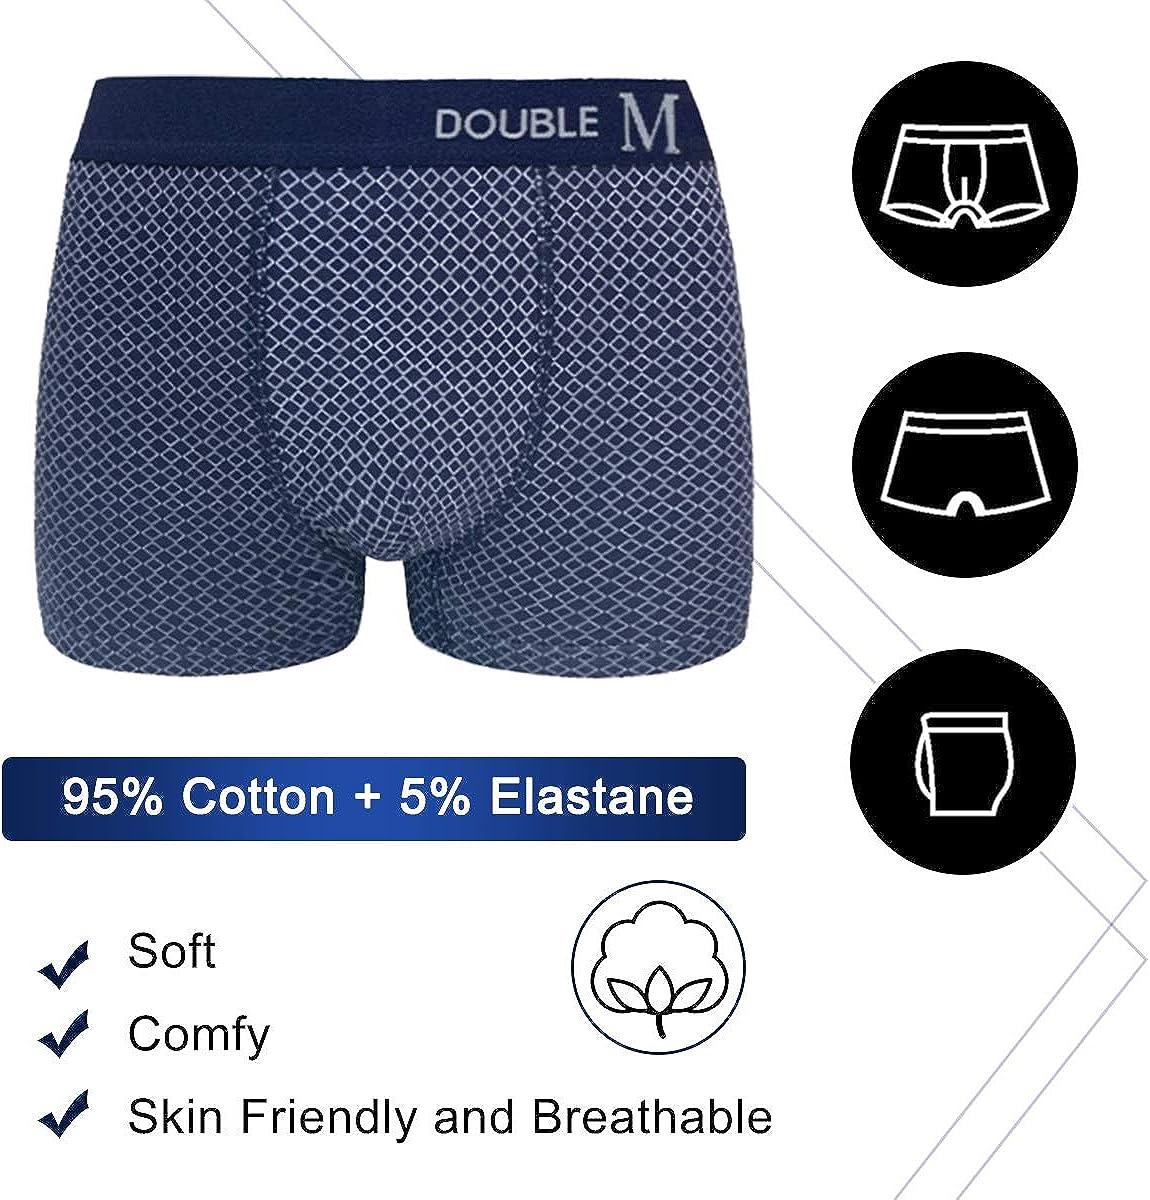 L R/ésistant Boxers en Coton Slip sans /Étiquette Pack 3 XL Pack 6 Pack 6 avec 6 Chaussettes Doux Tailles S Basique Ceinture /Élastique Ajust/ée M DOUBLE M pour Homme